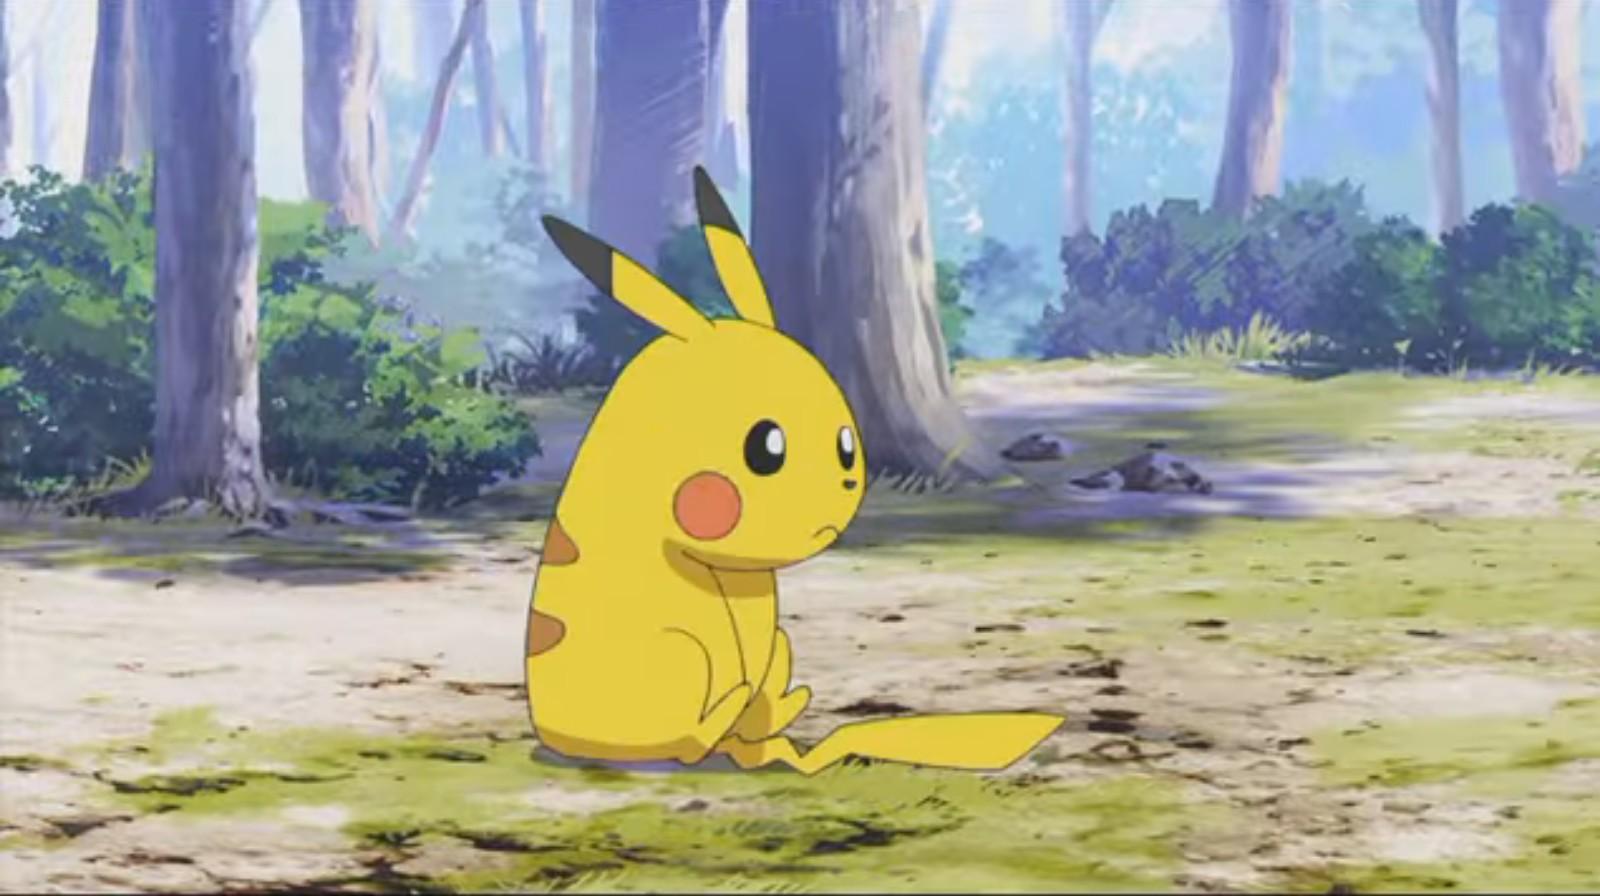 Ya están disponibles los primeros 2 capítulos de Pokémon Generations [Video]